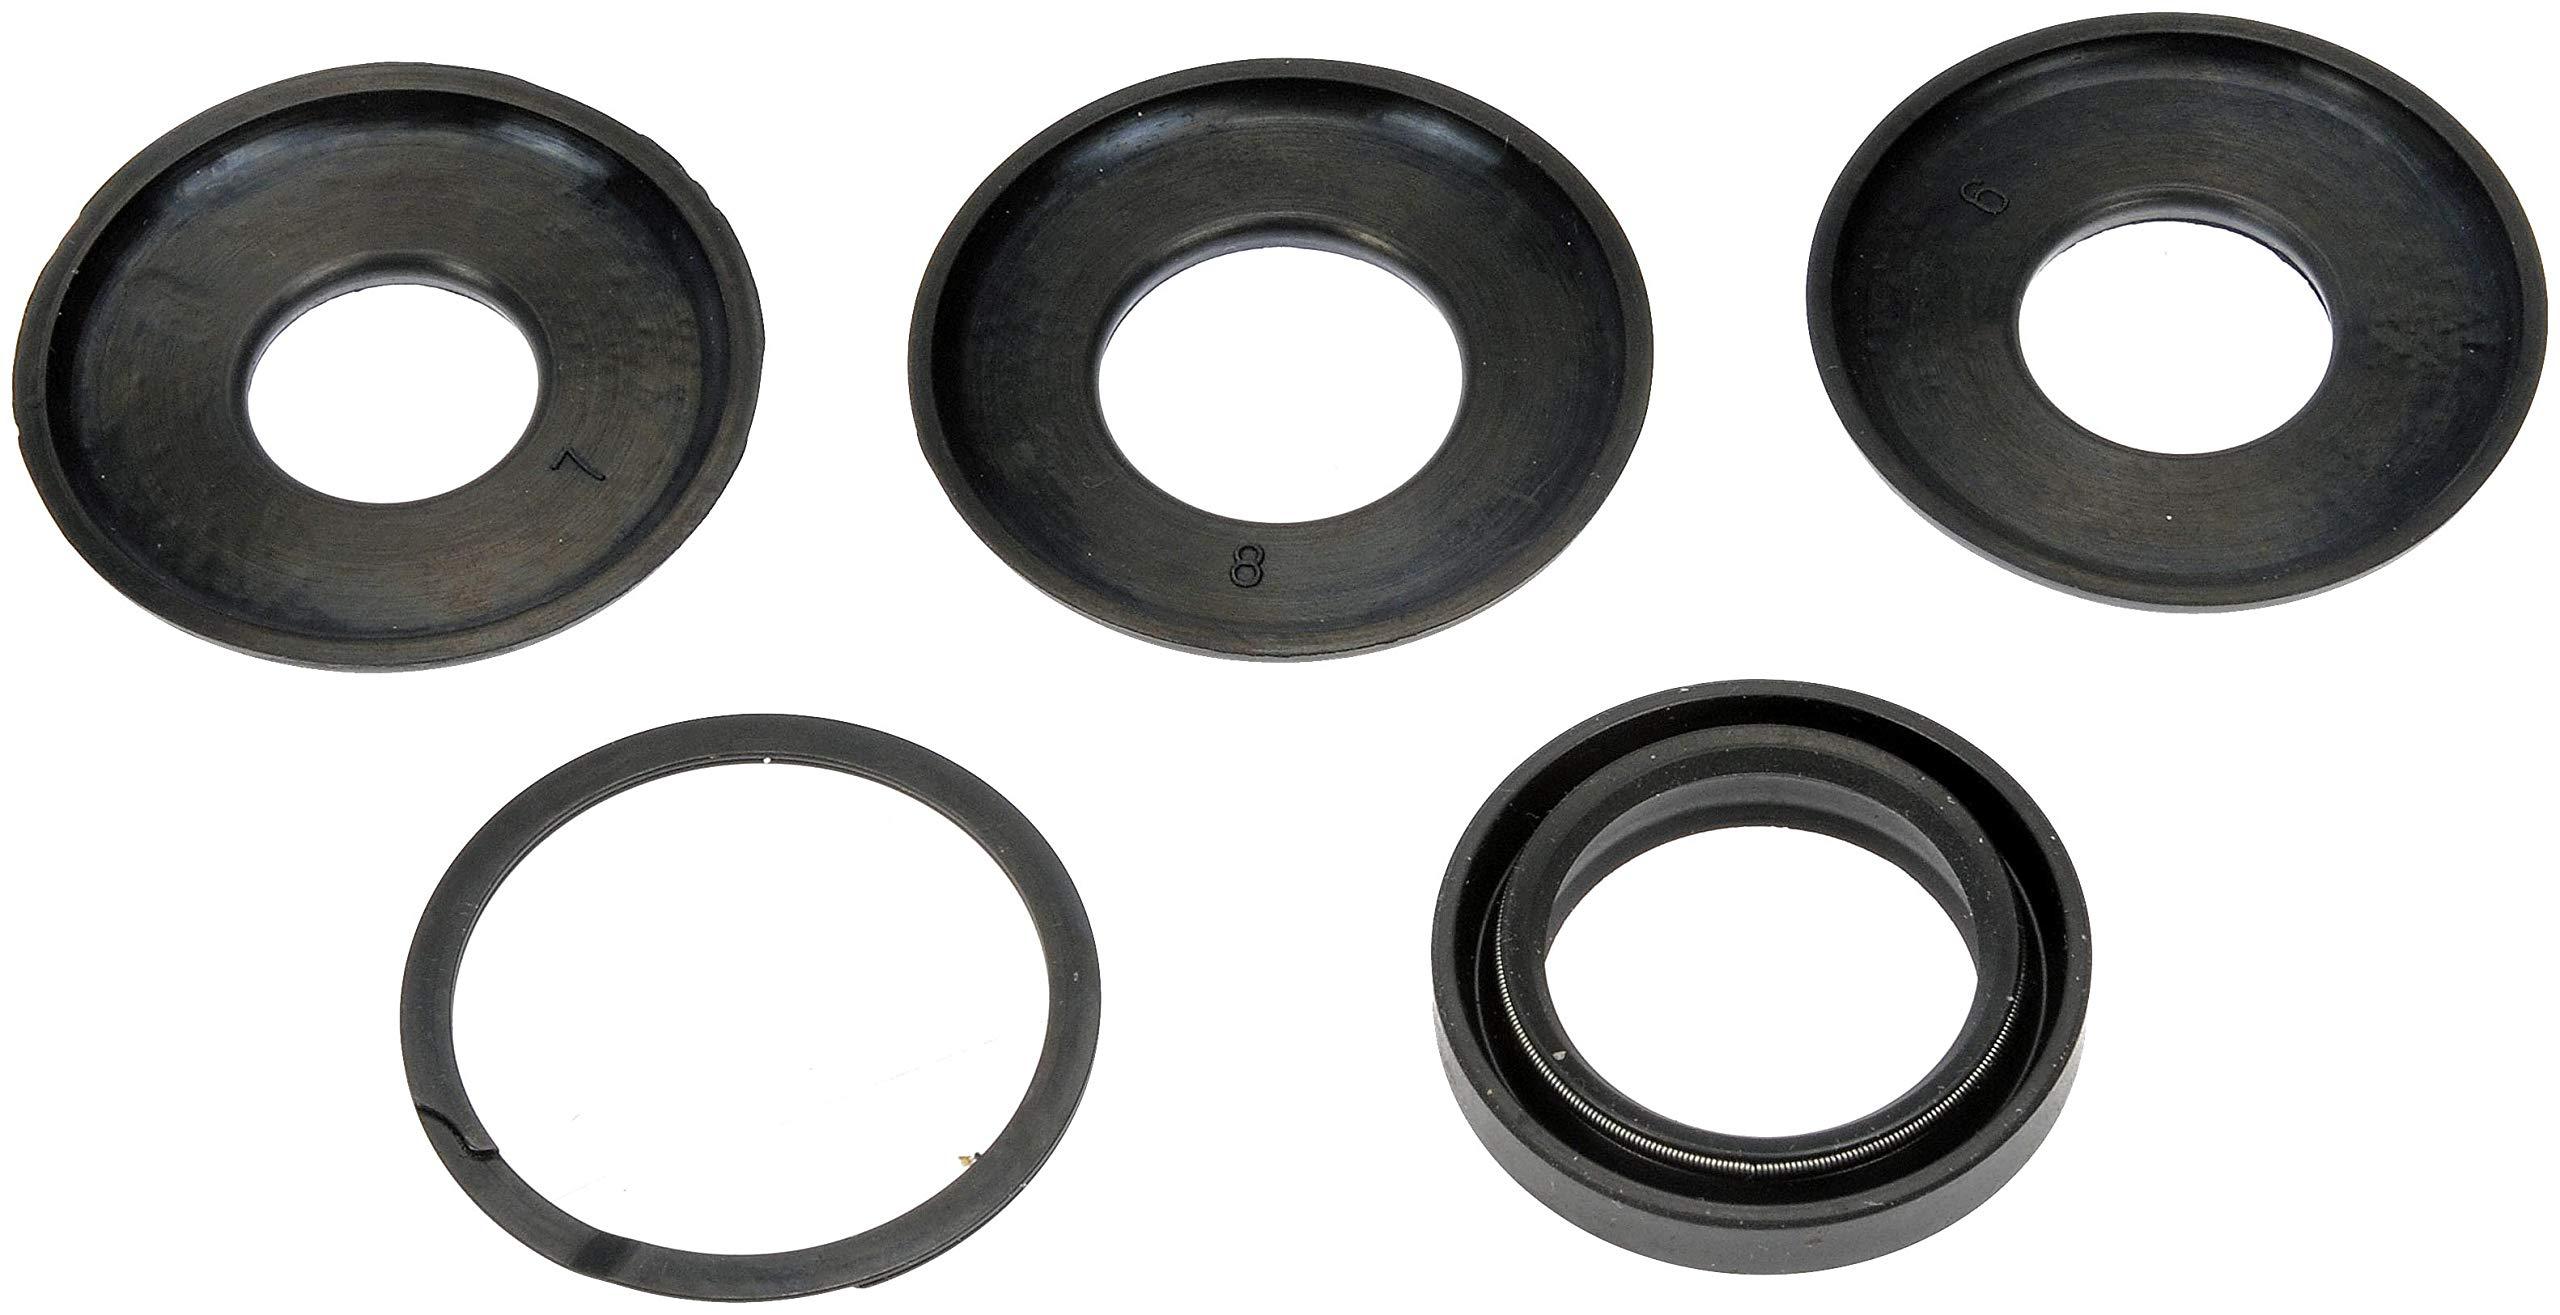 Dorman 924-5221 Steering Gear Seal Kit for Select Trucks